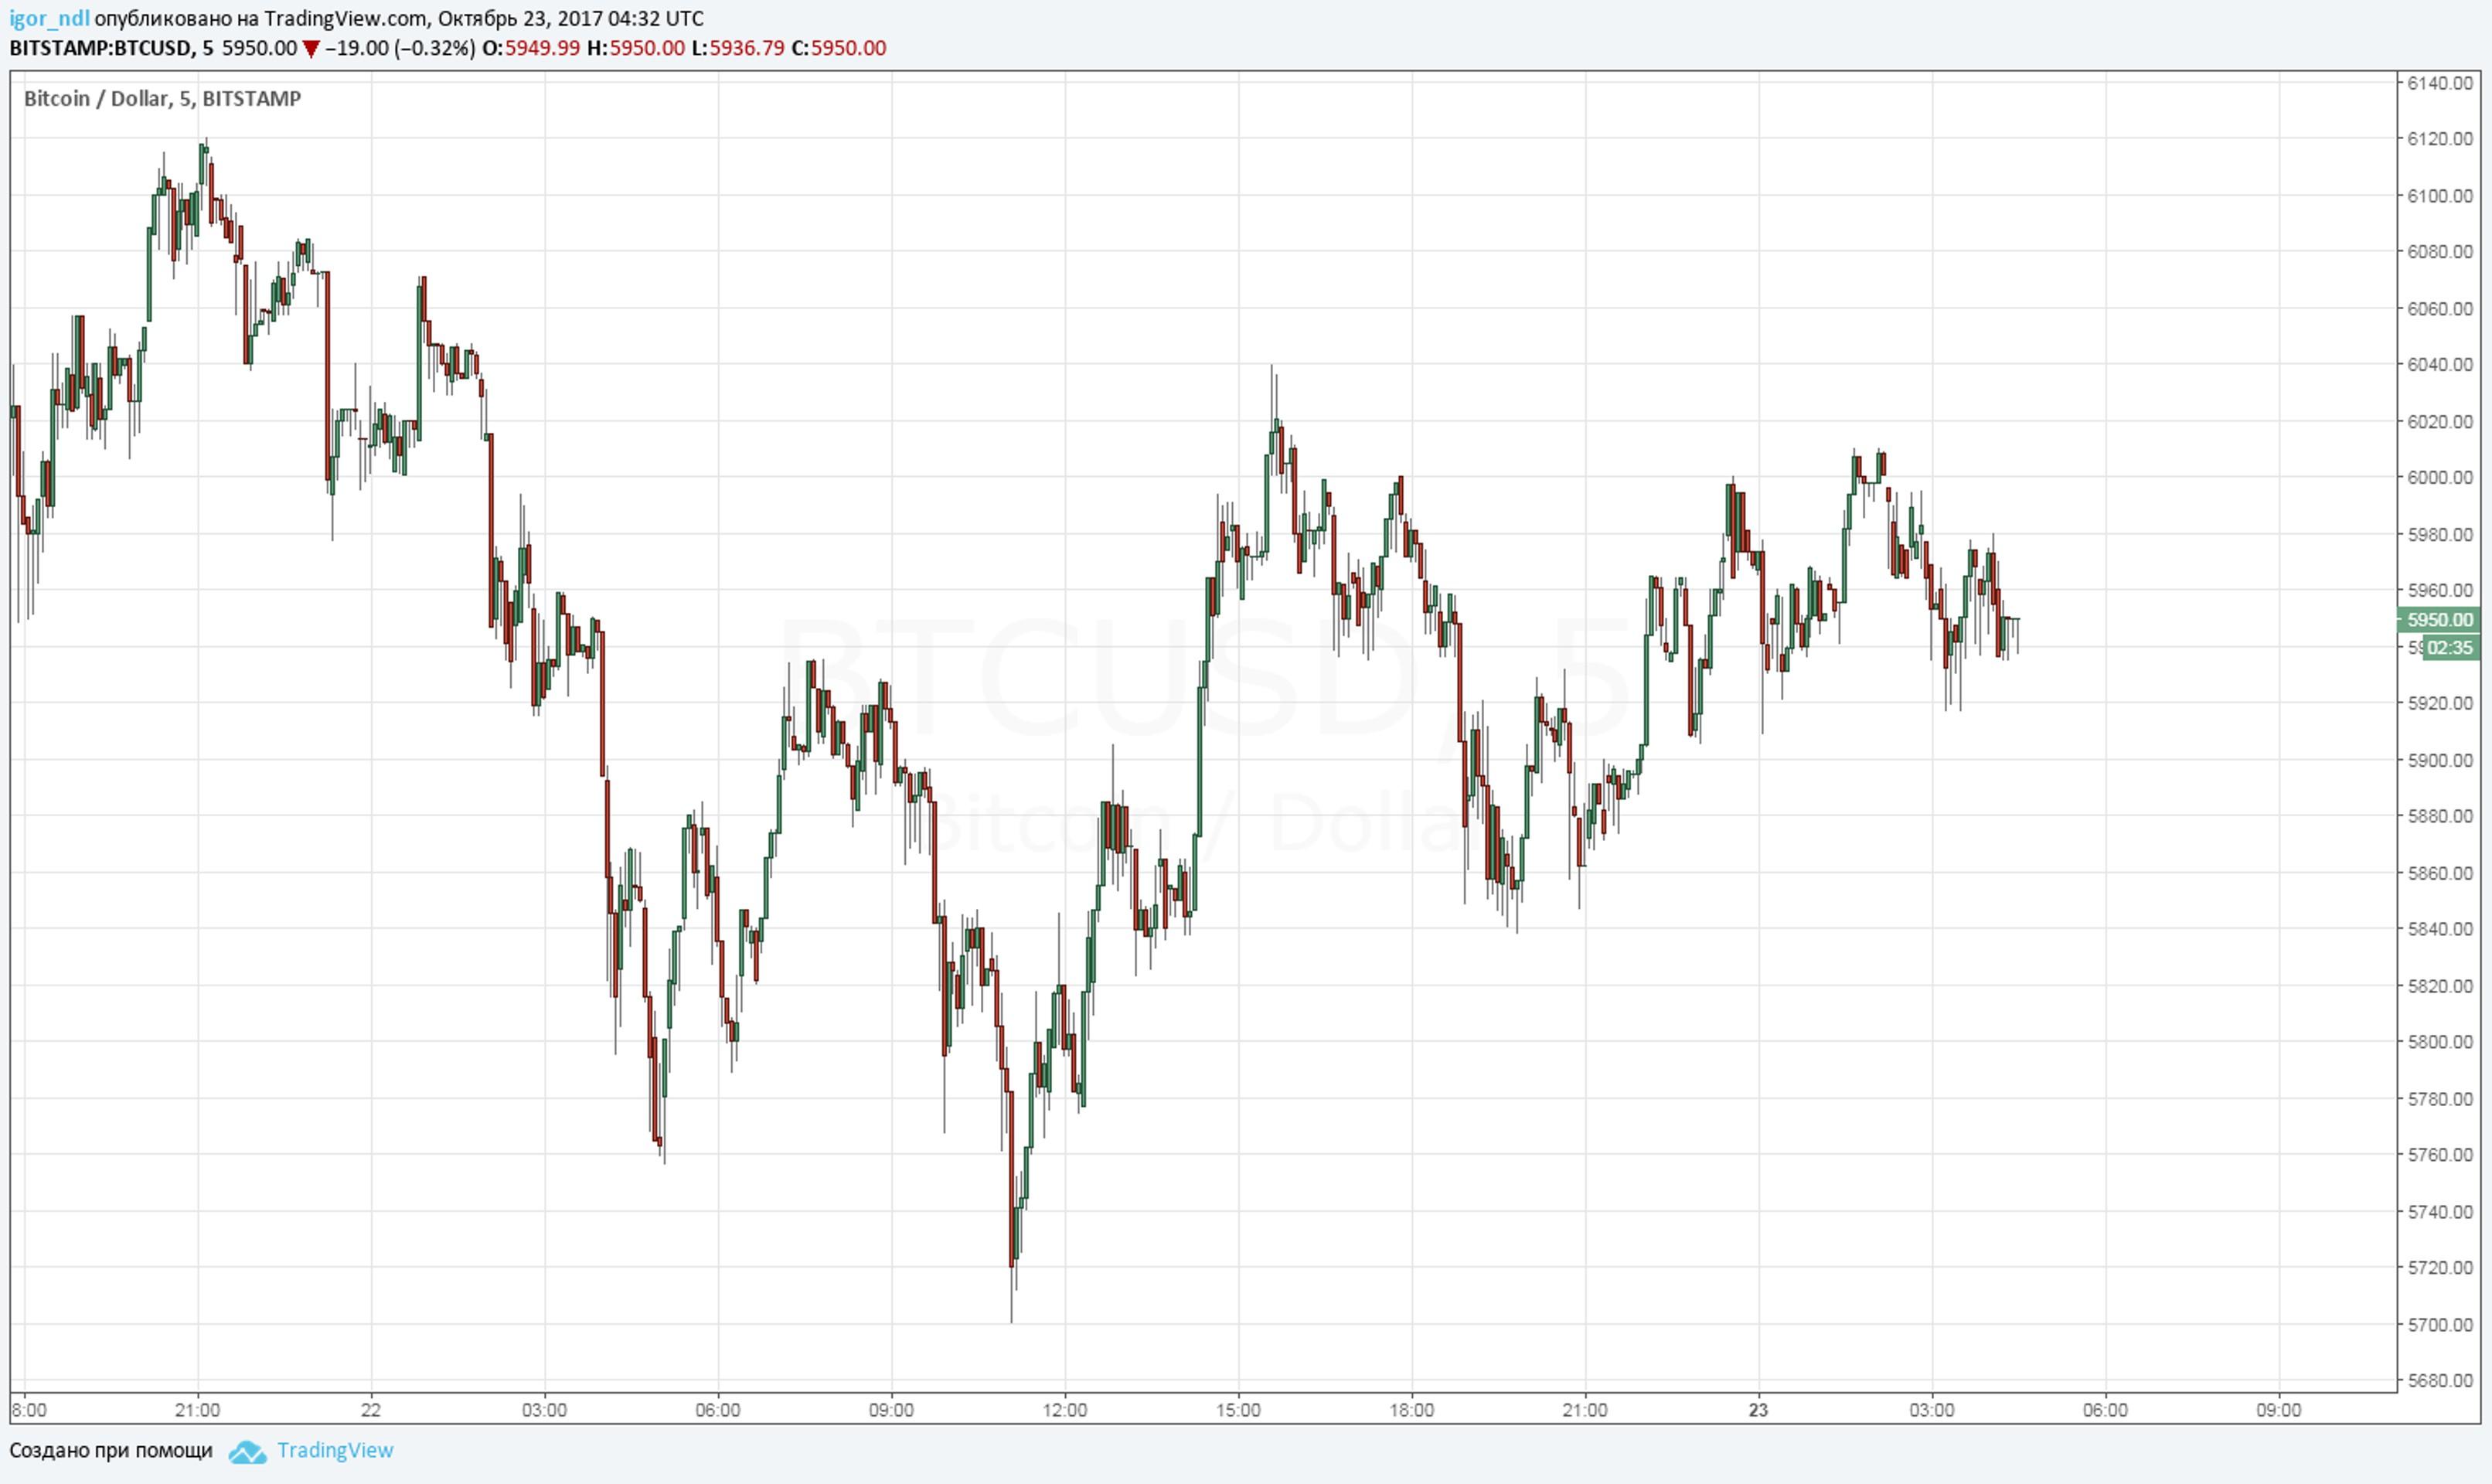 Биткоин теперь дороже Goldman Sachs и других банков